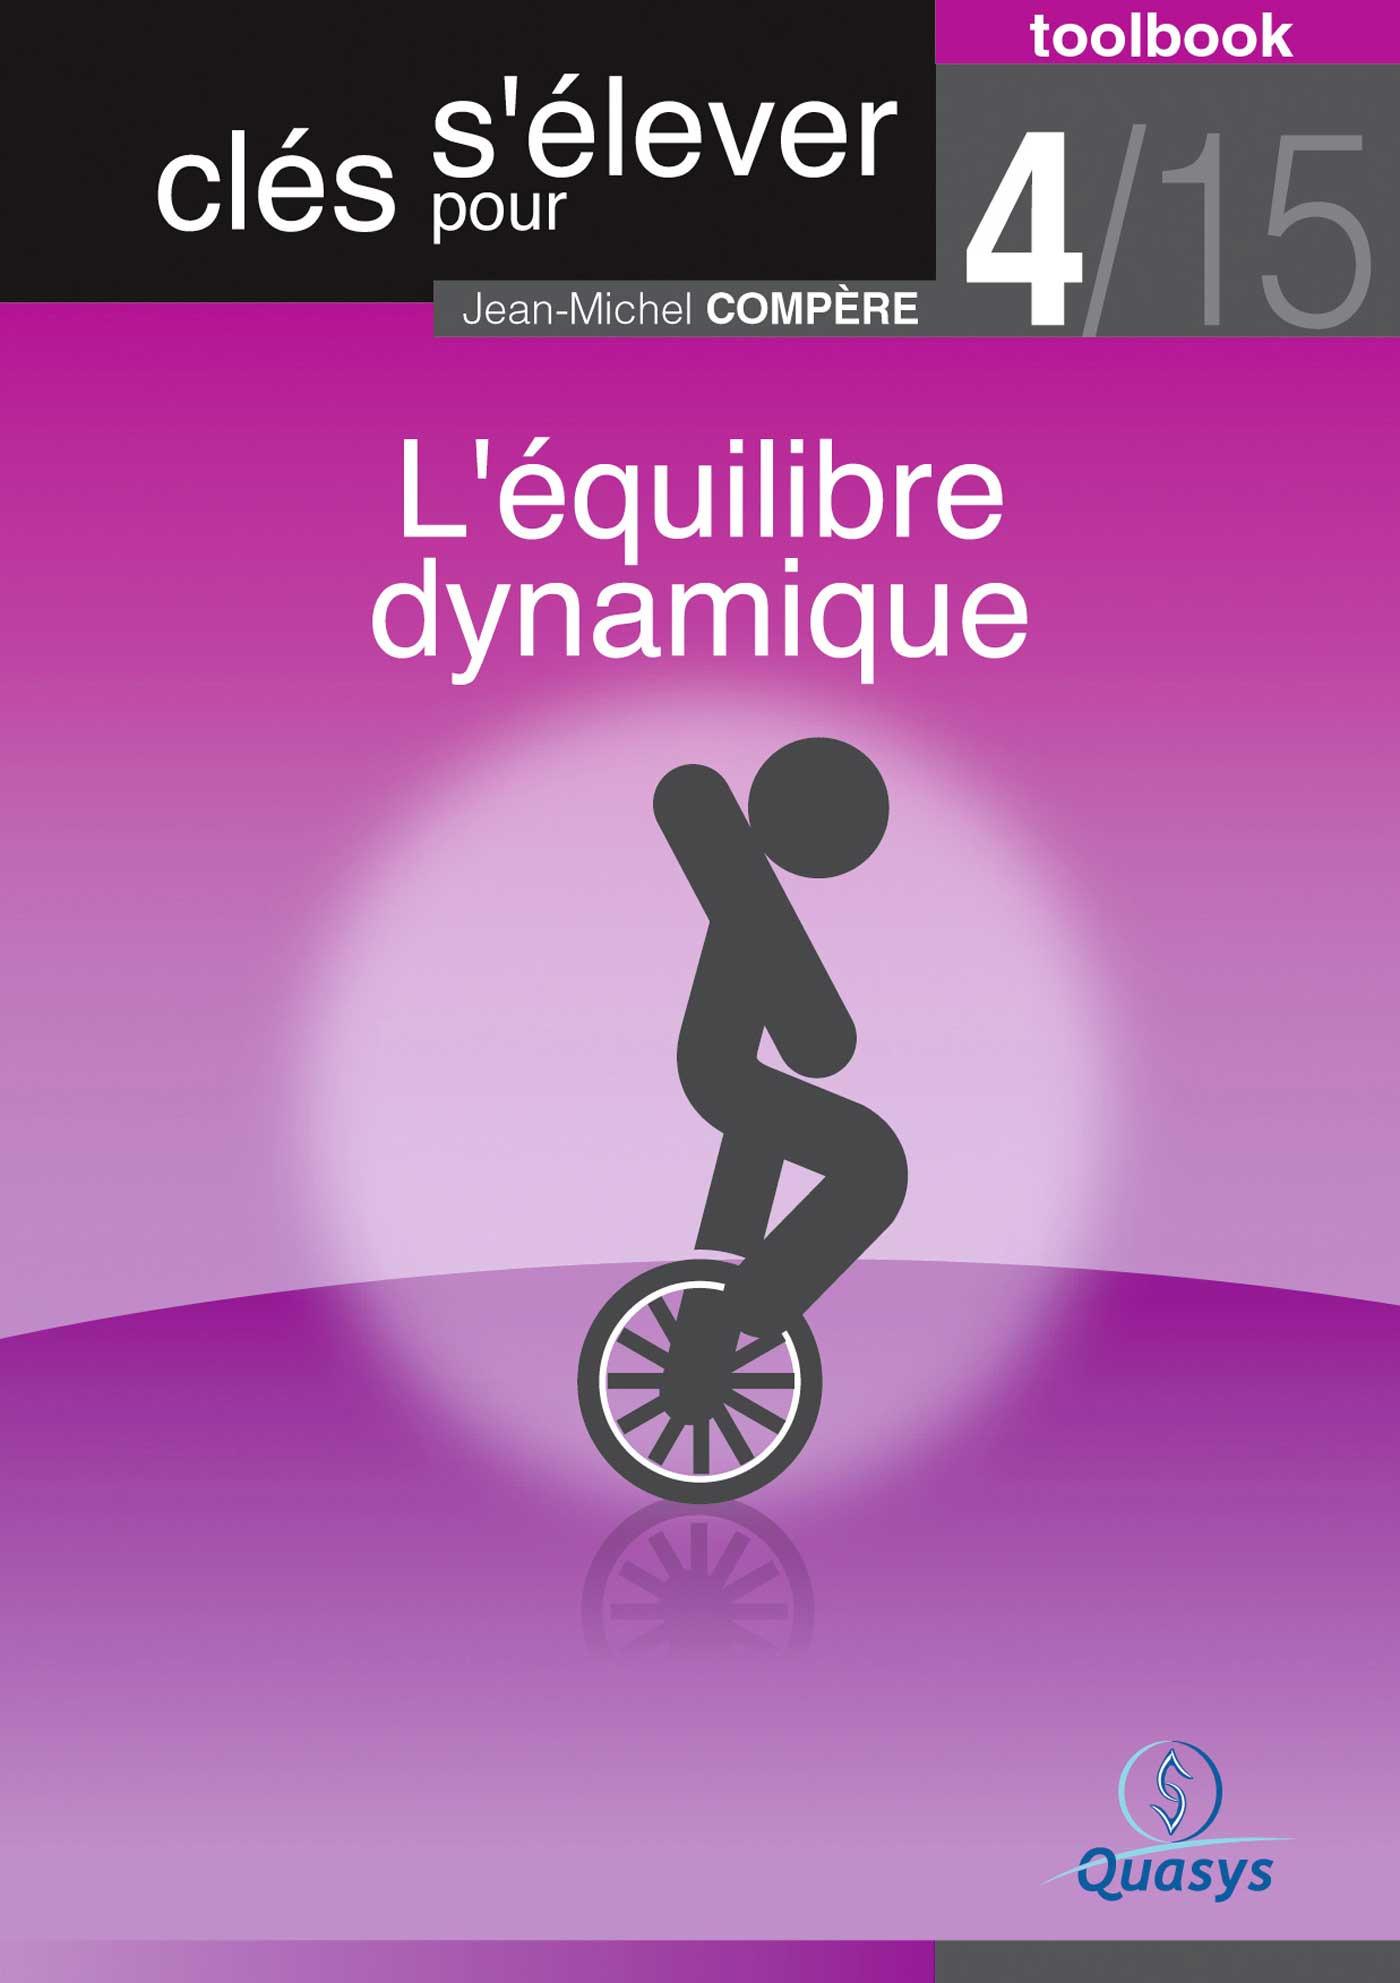 L'équilibre dynamique (Toolbook 4/15